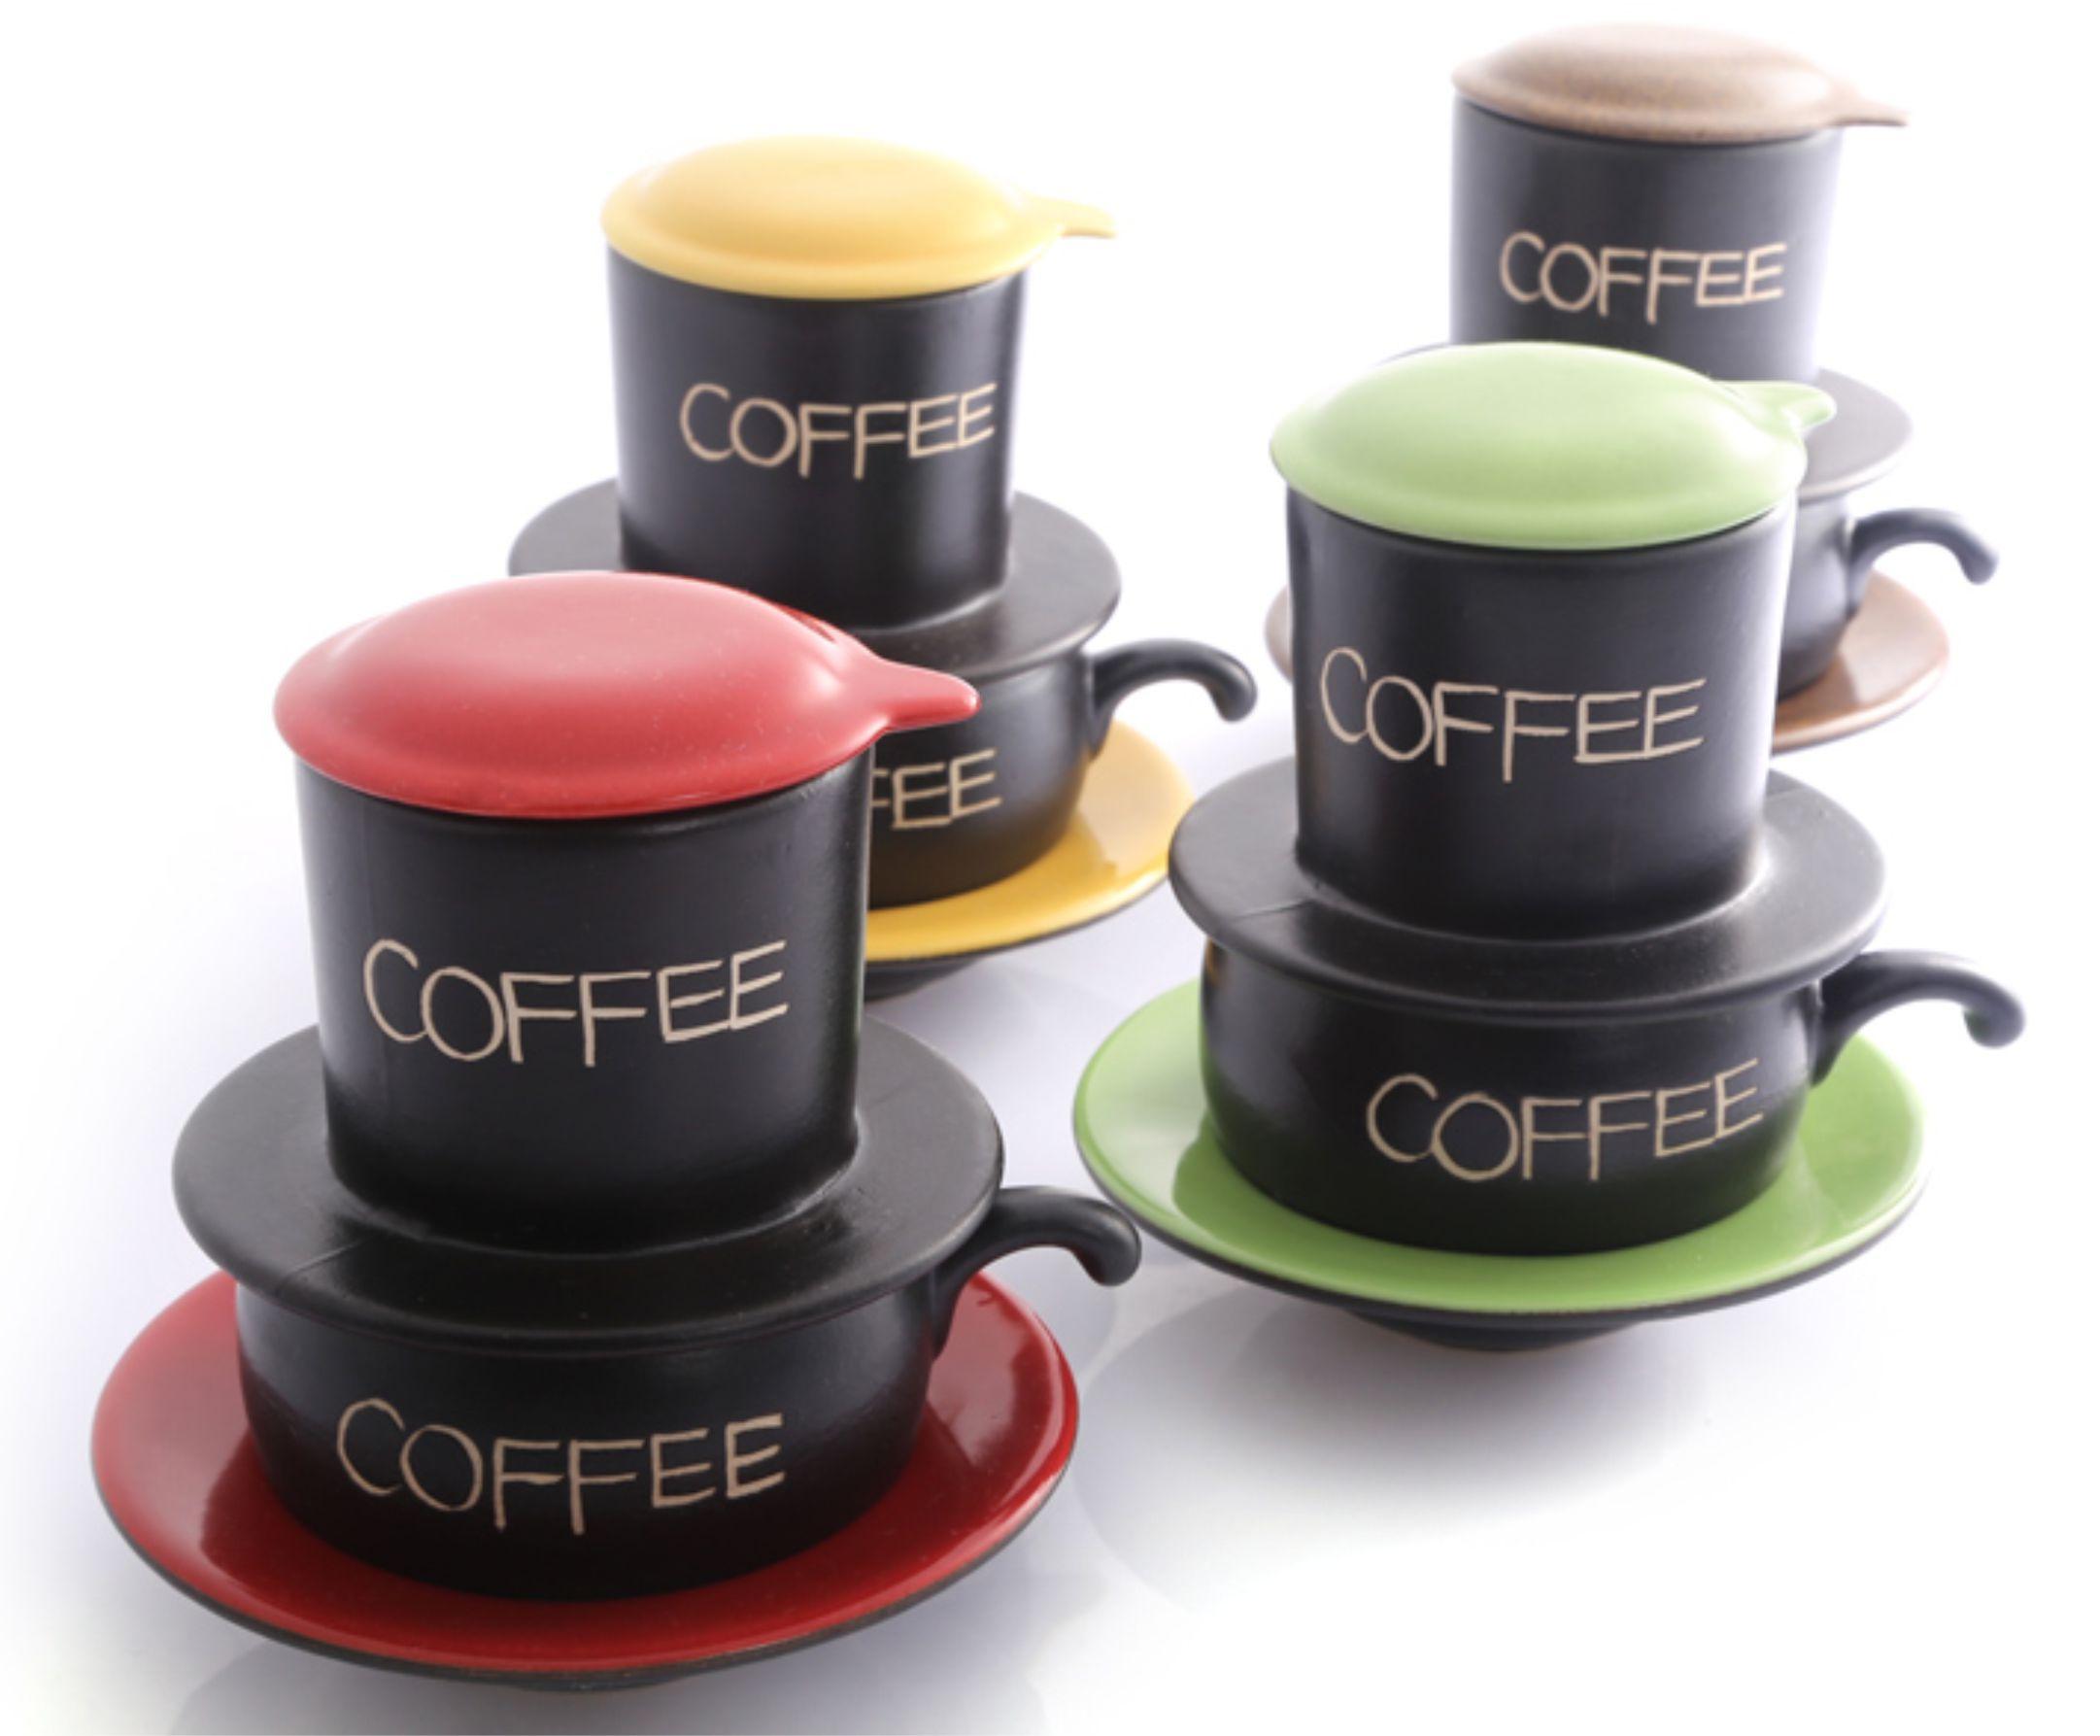 Phin cafe sứ Bát Tràng đẹp